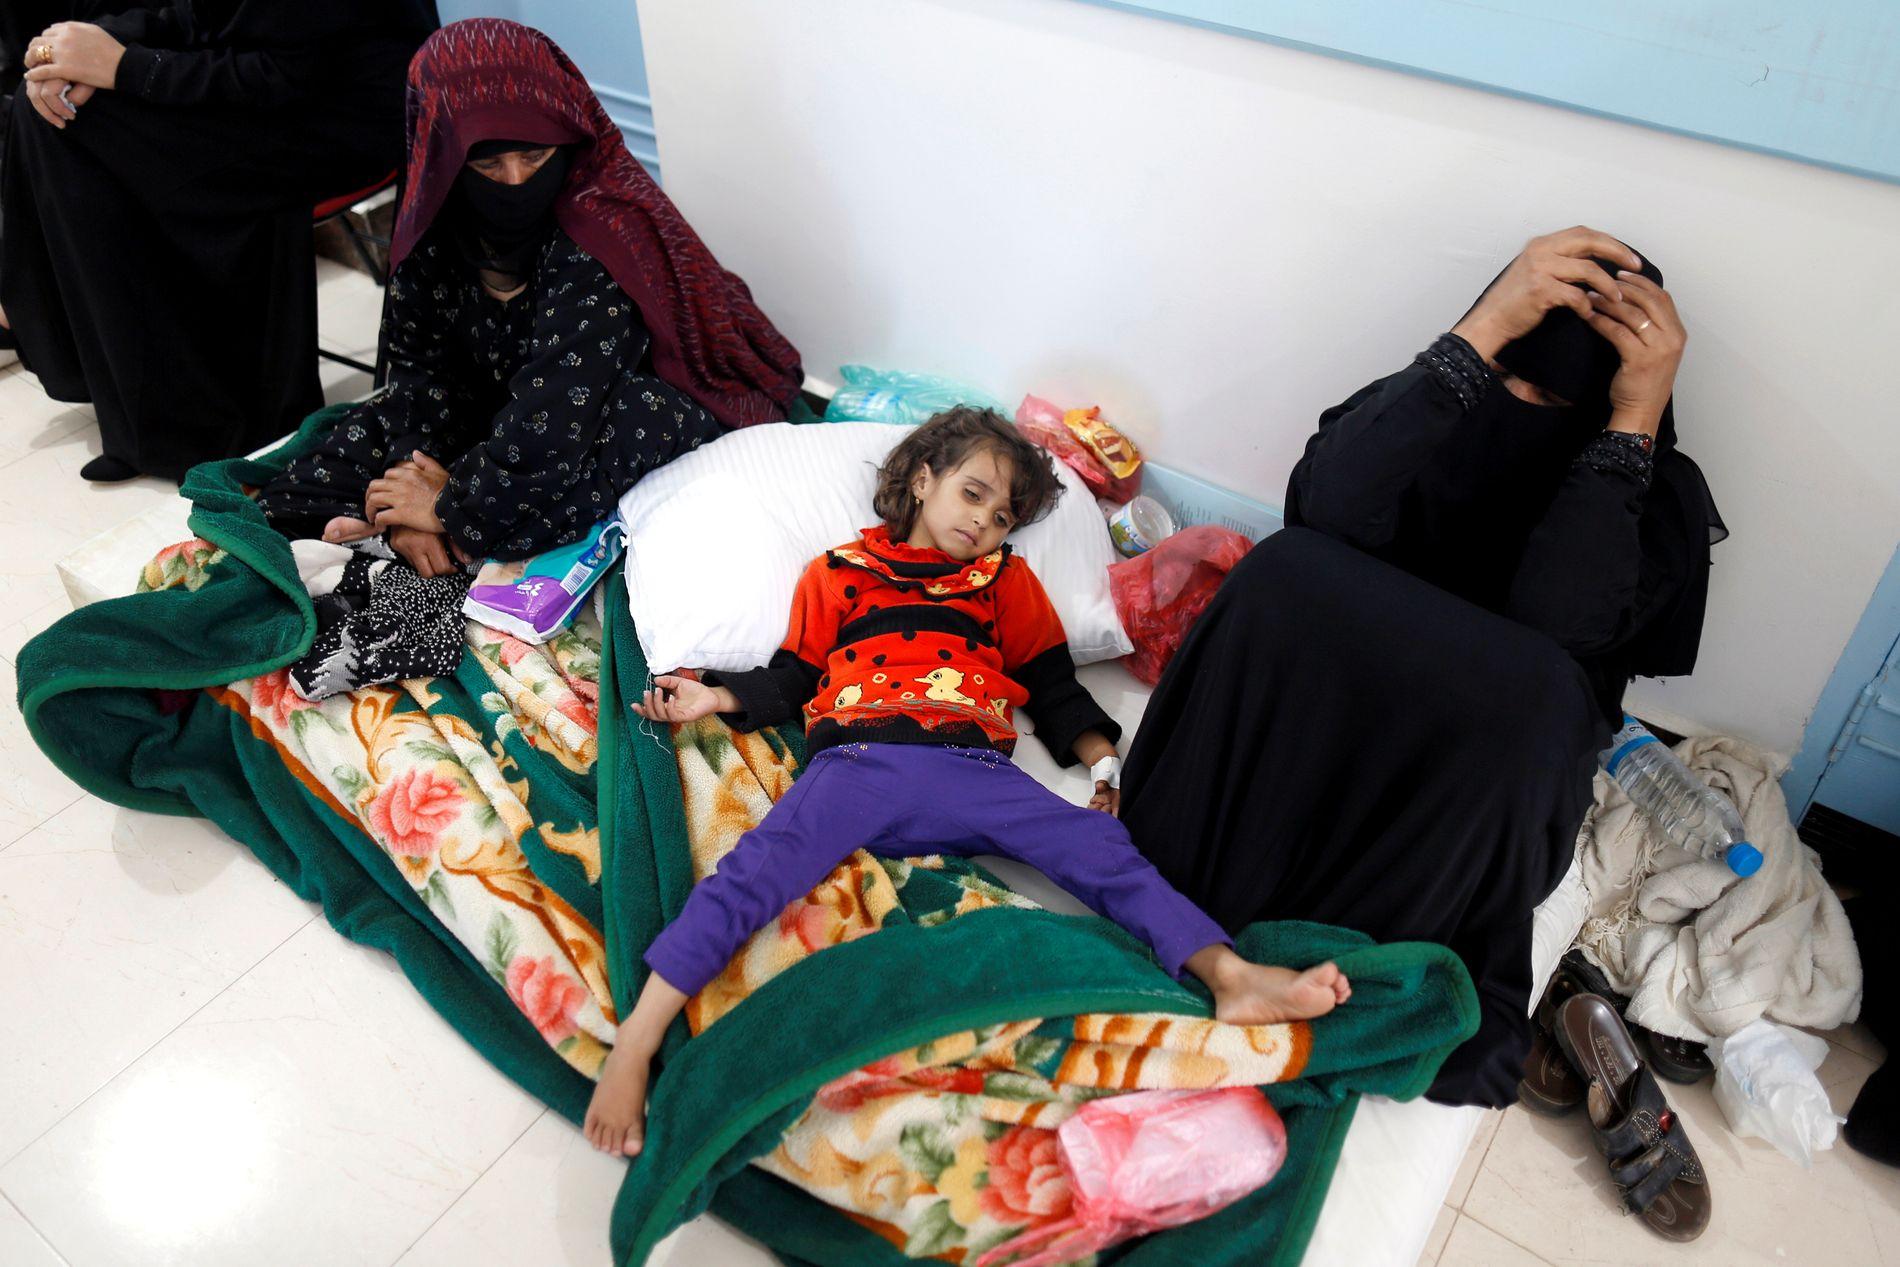 HAR KOLERA: En jente med kolera ligger på gulvet på et sykehus i Sanaa i Jemen. Bildet er tatt 7. mai 2017.